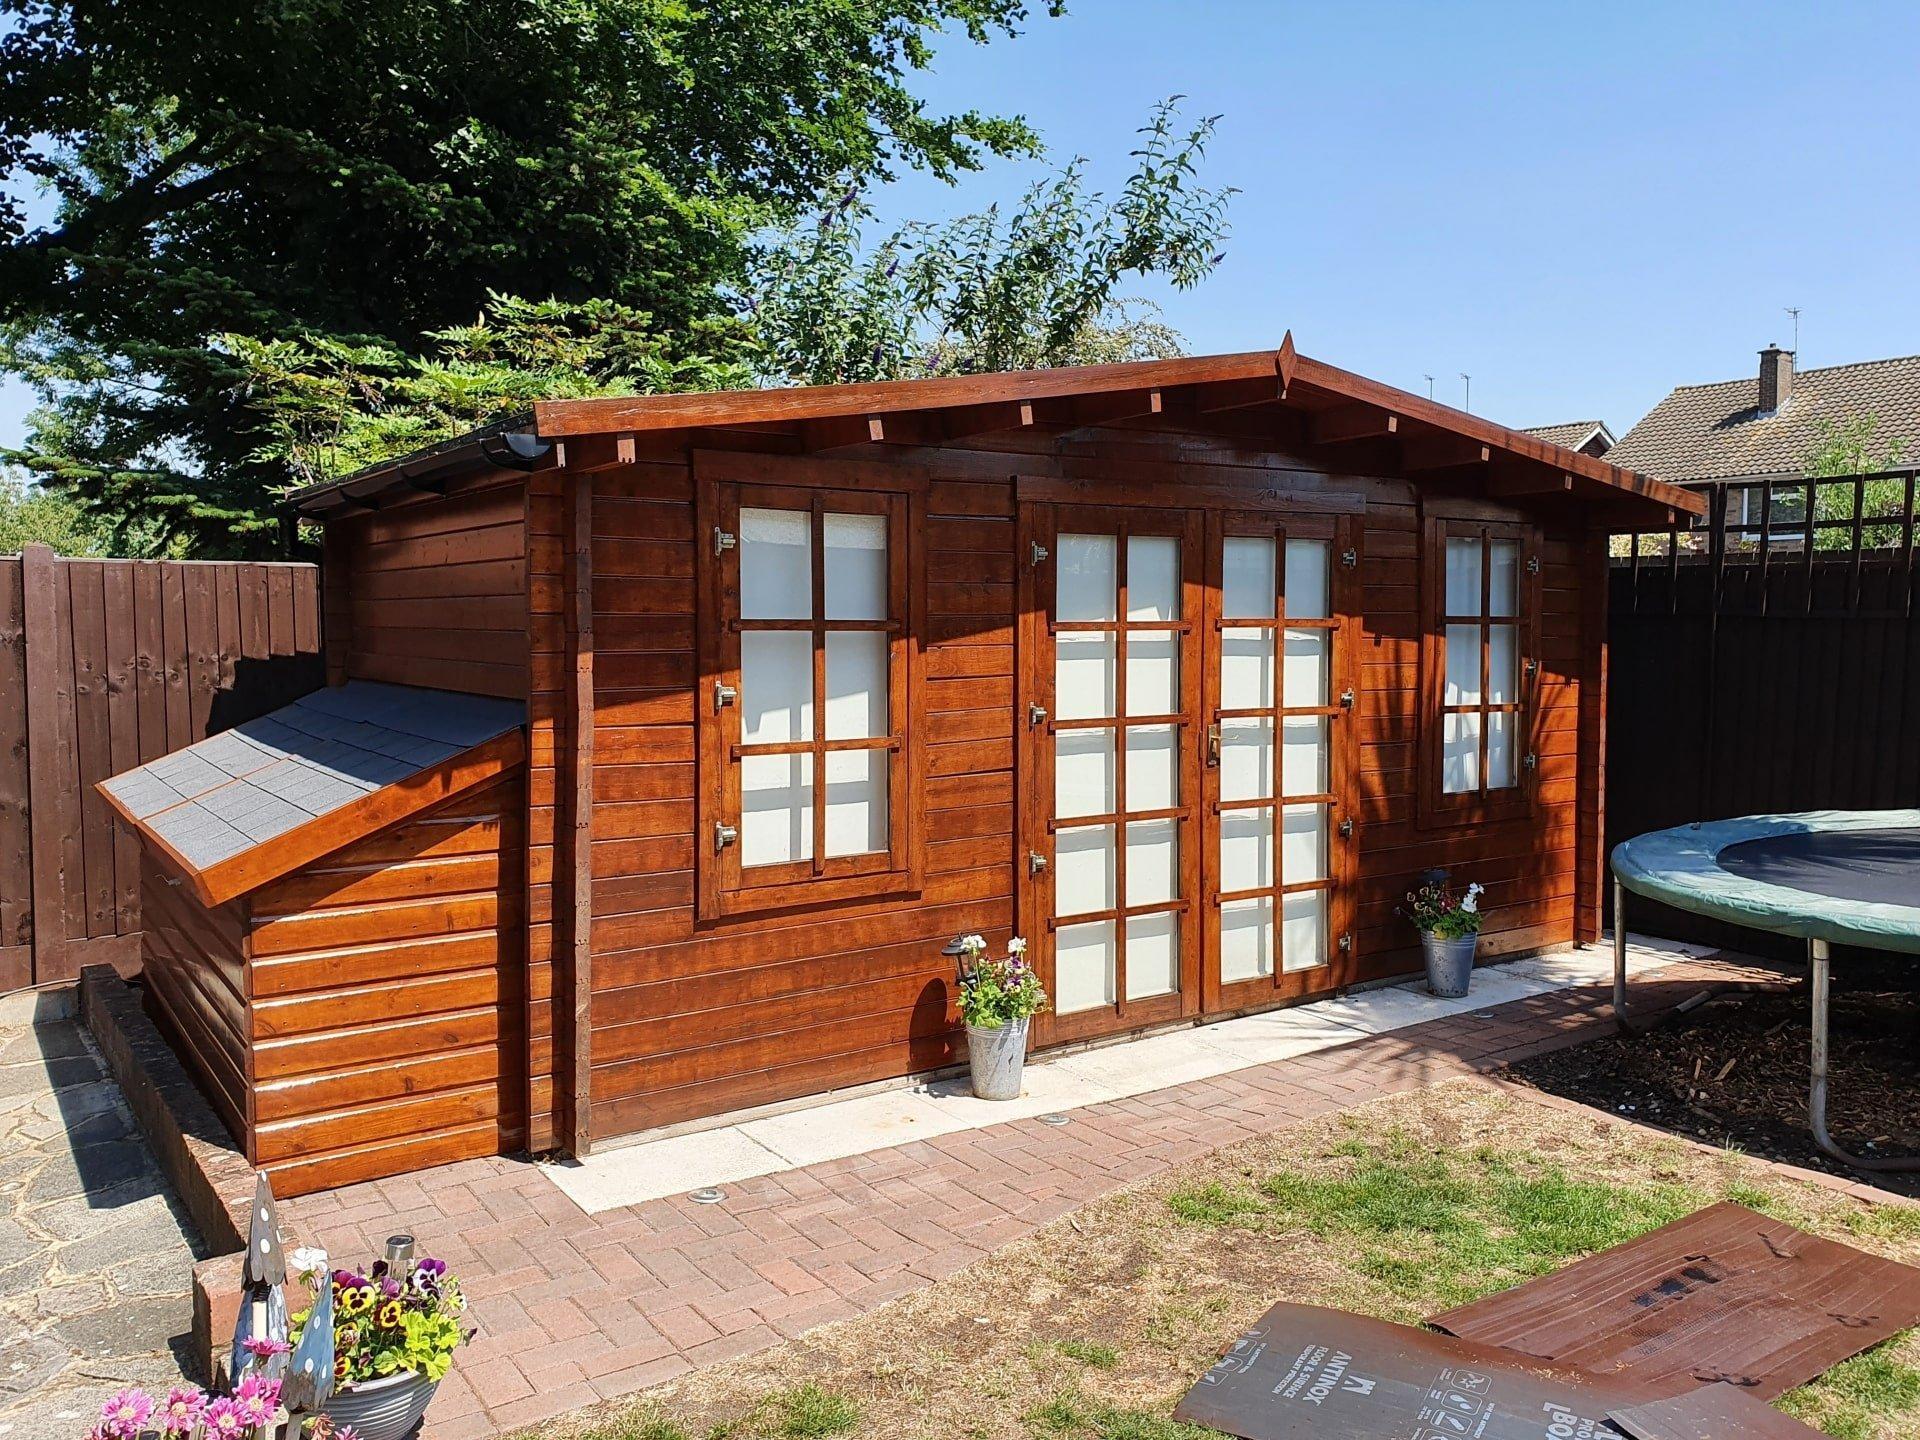 A freshly varnished summerhouse.